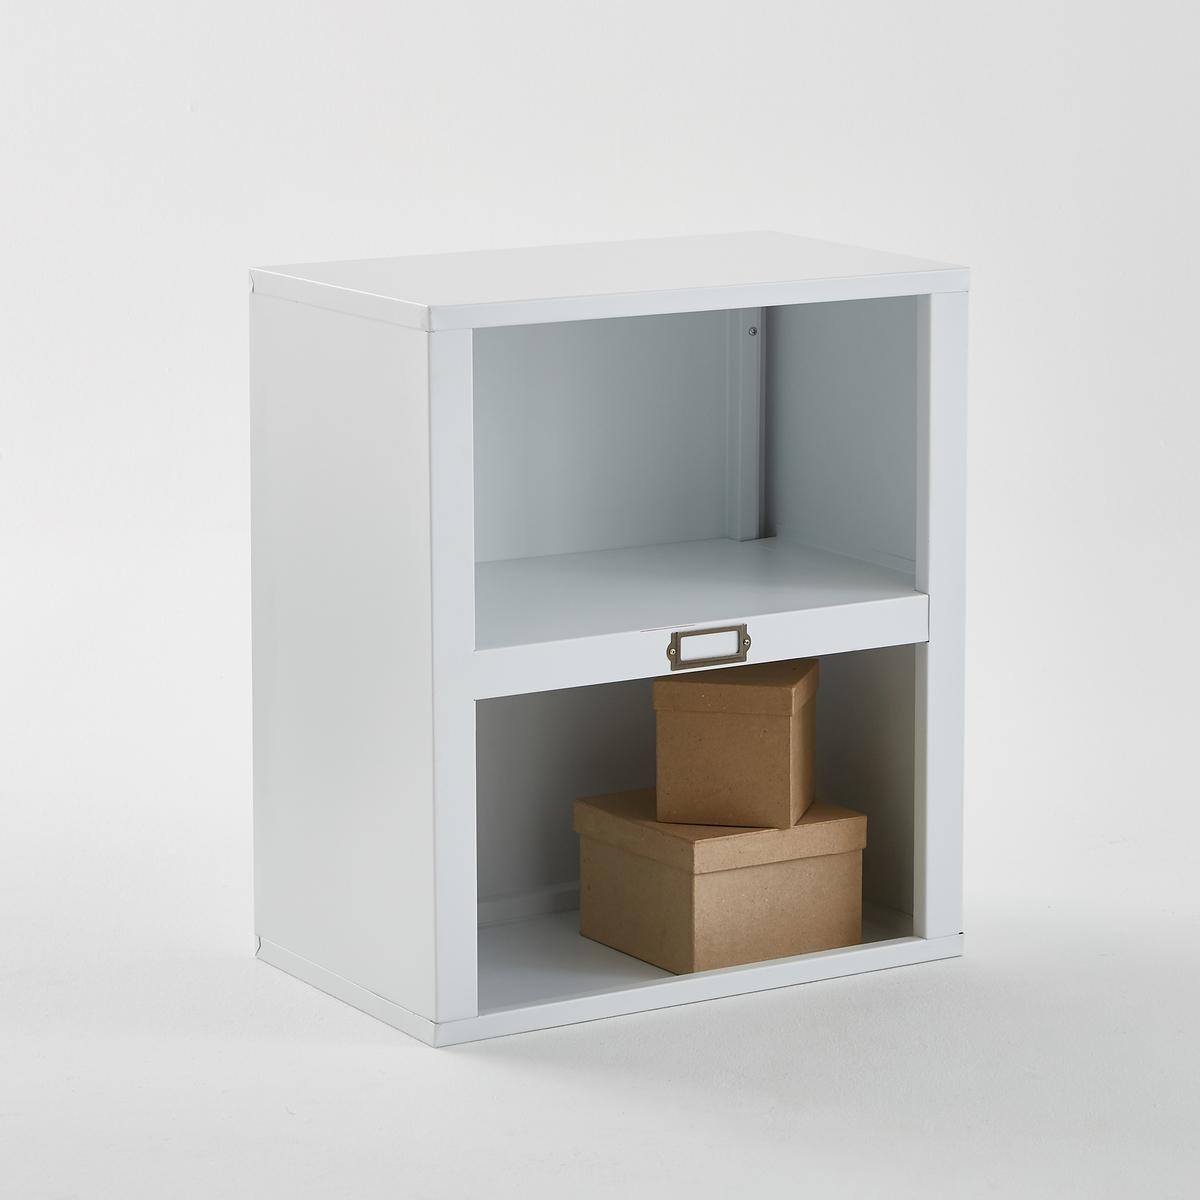 Столик с 2 отделениями из стали, белого матового цвета, Hiba hiba javed when perceptions change